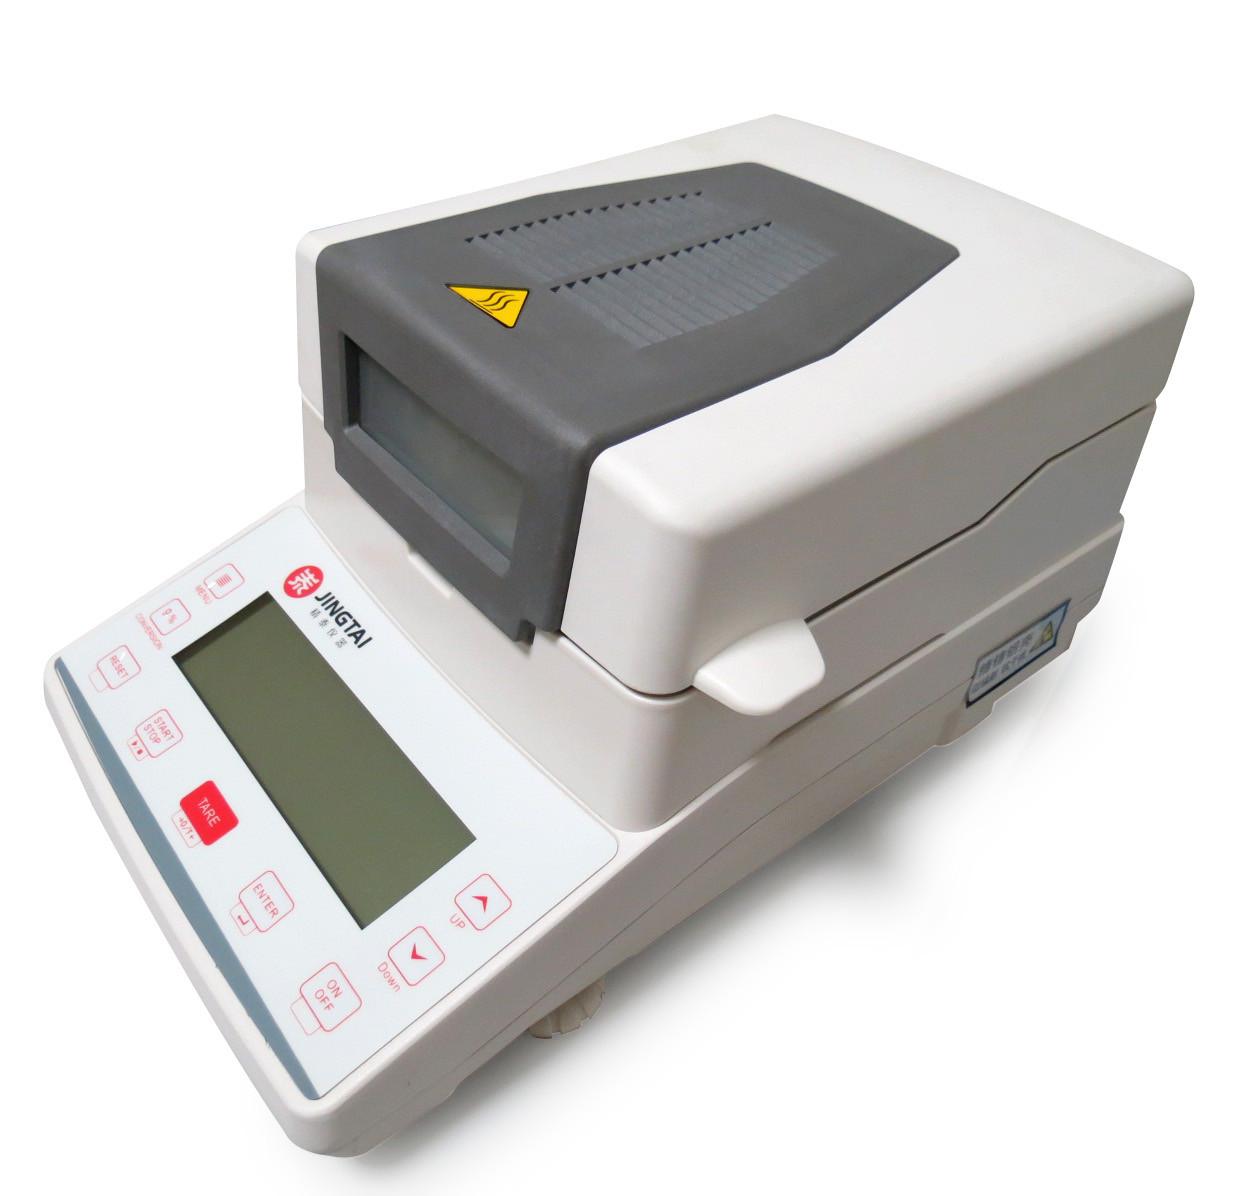 鹵素水分測定儀使用中的幾項注意點